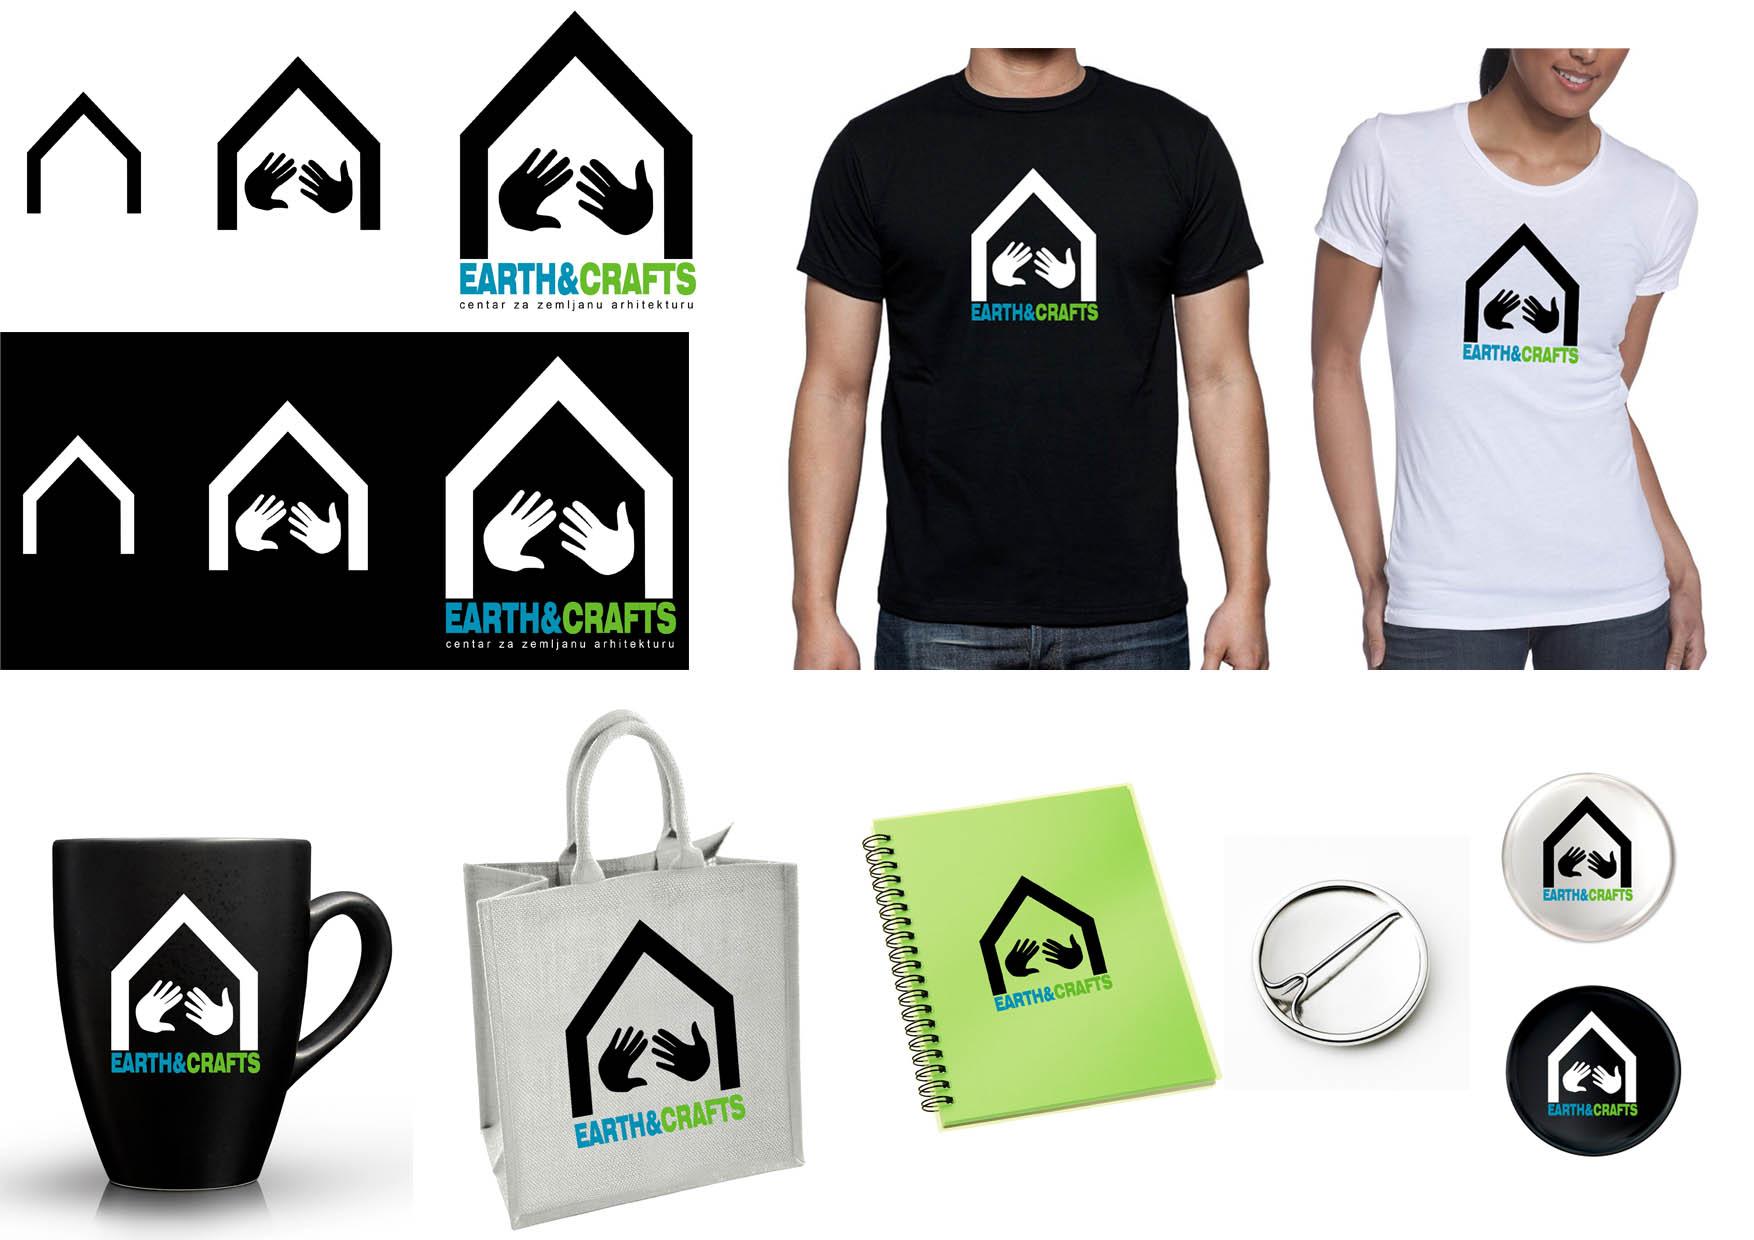 07 predlog logo EARTH&CRAFTS branislav spasojevic branislav.spasojevic.arch@gmail.com